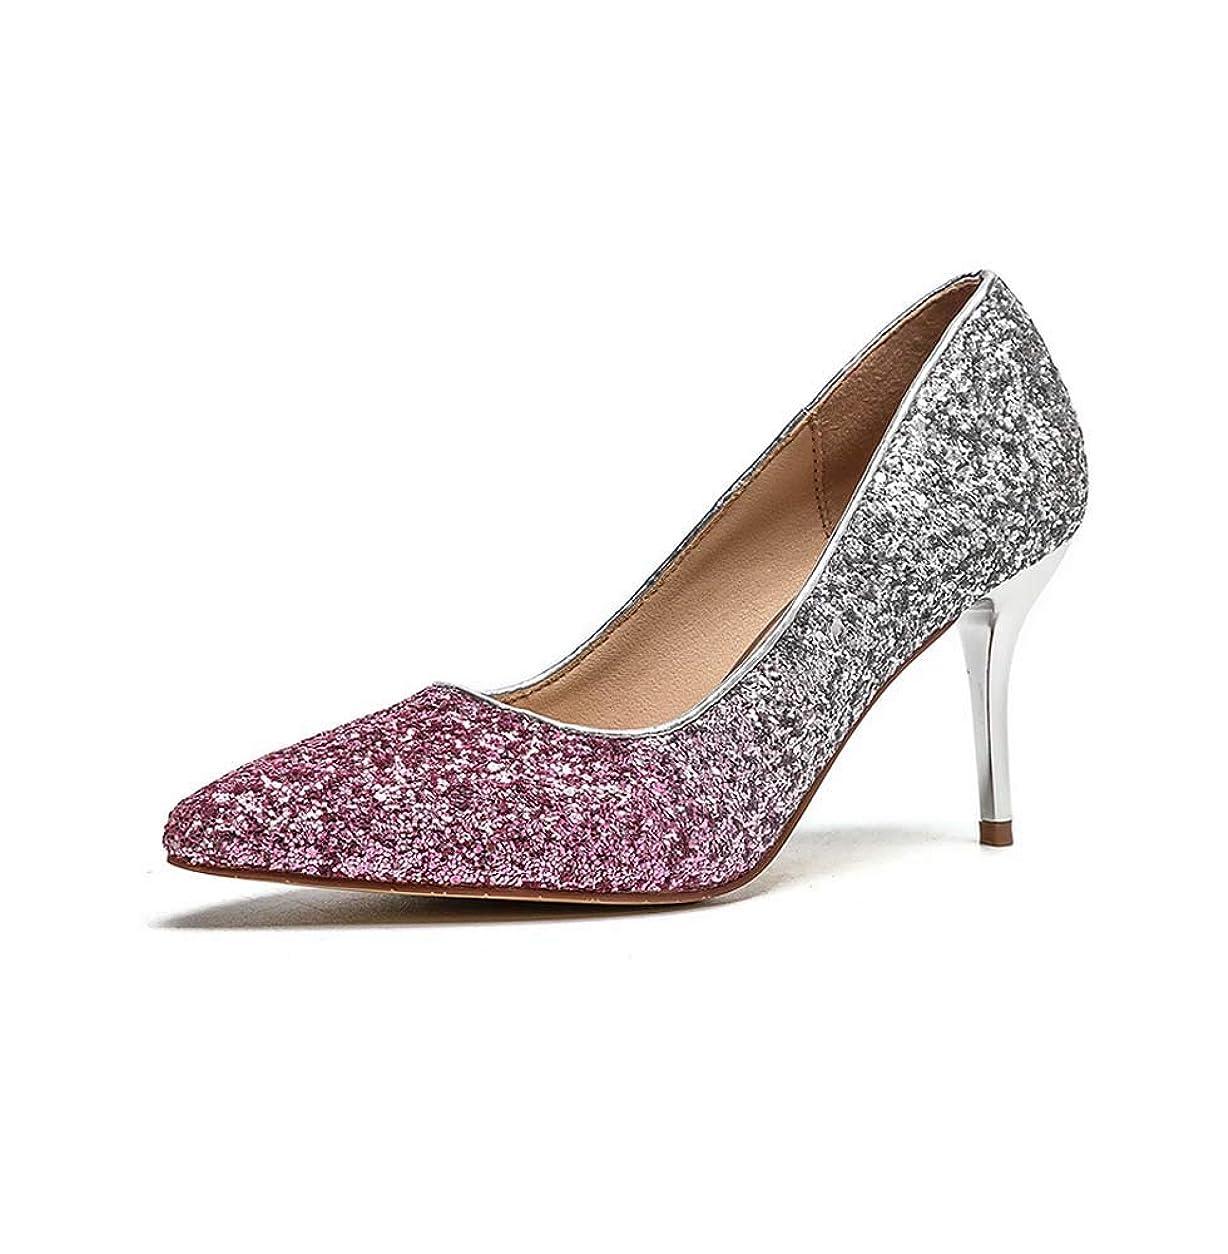 散文うなる変なレディース先のとがったつま先ハイヒールスリップオンスティレット裁判所の靴パーティーイブニングパンプス靴34-40EU